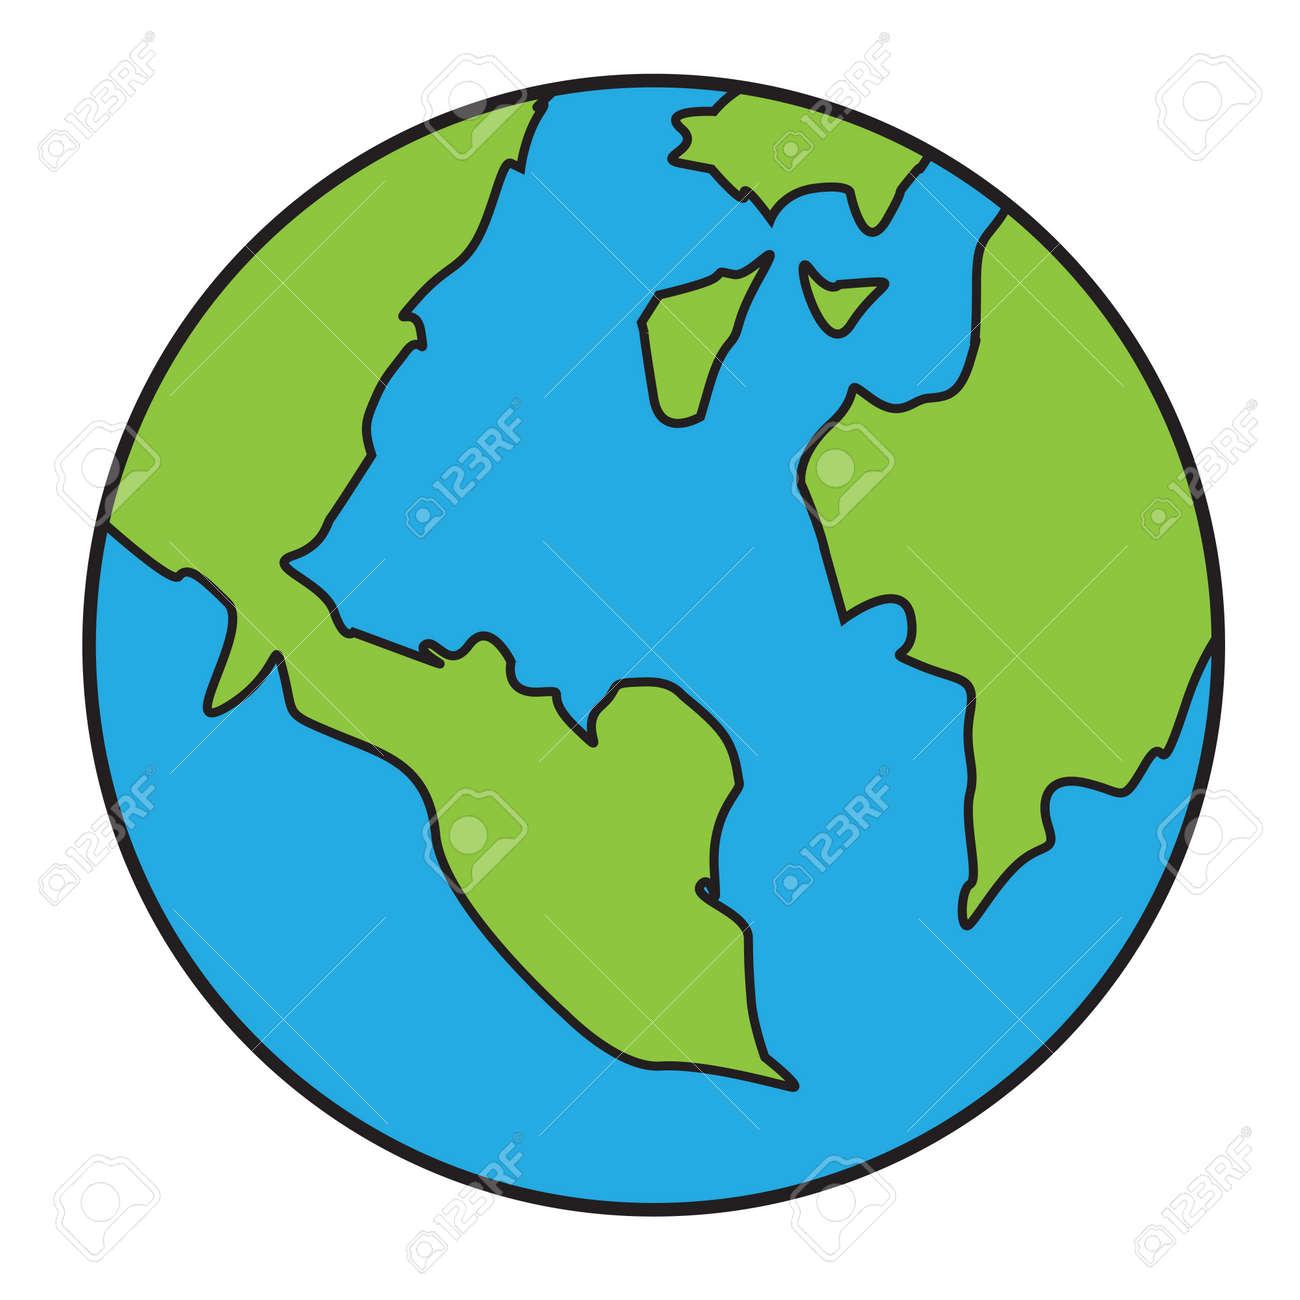 Dessin Planète Terre vector illustration de la planète terre isolé sur blanc dans un